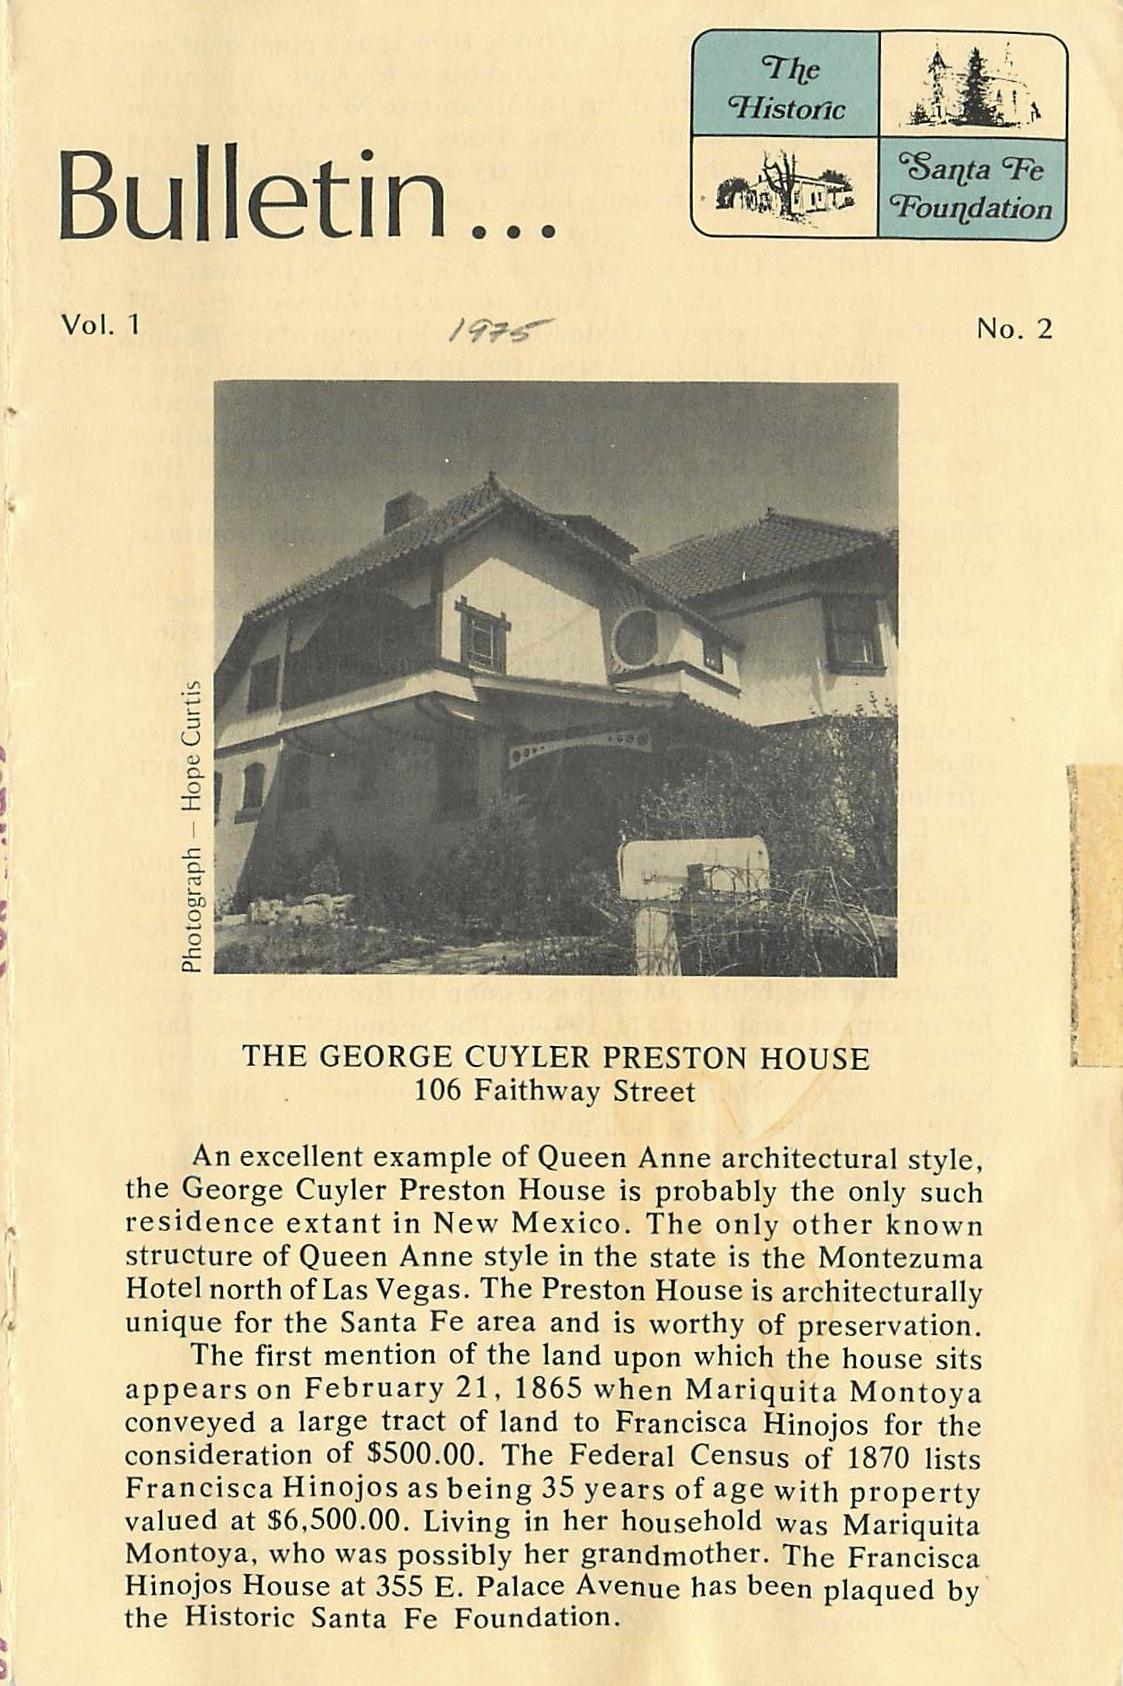 1975 HSFF Bulletin Vol.1 No.2 Cover